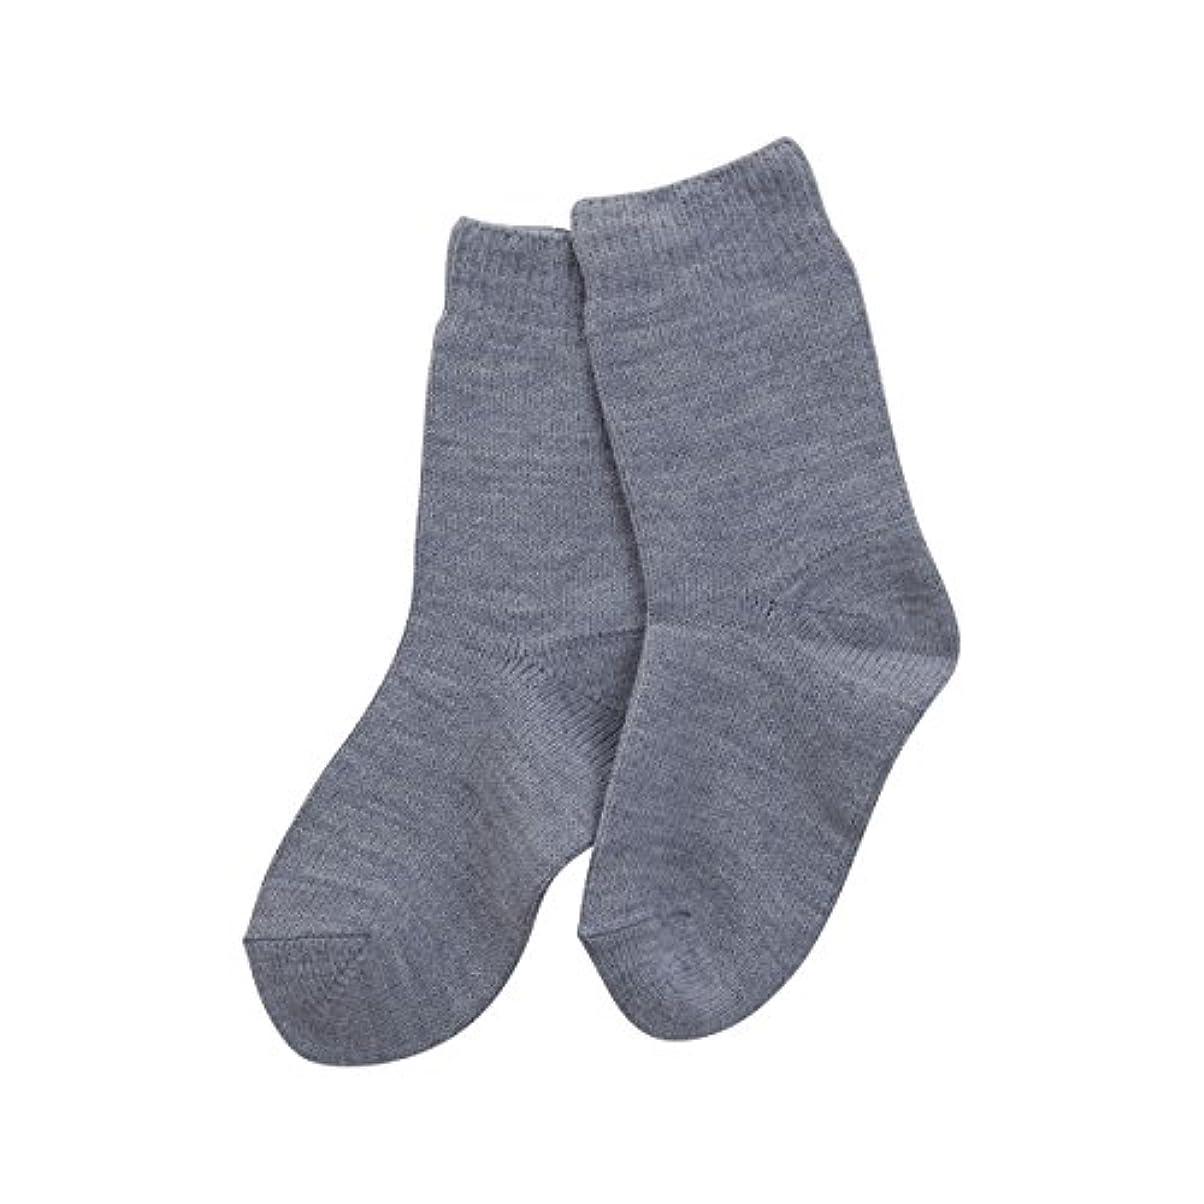 経過挑発する割り当て(コベス) KOBES ゴムなし 毛混 超ゆったり特大サイズ 大きいサイズ 靴下 日本製 婦人靴下